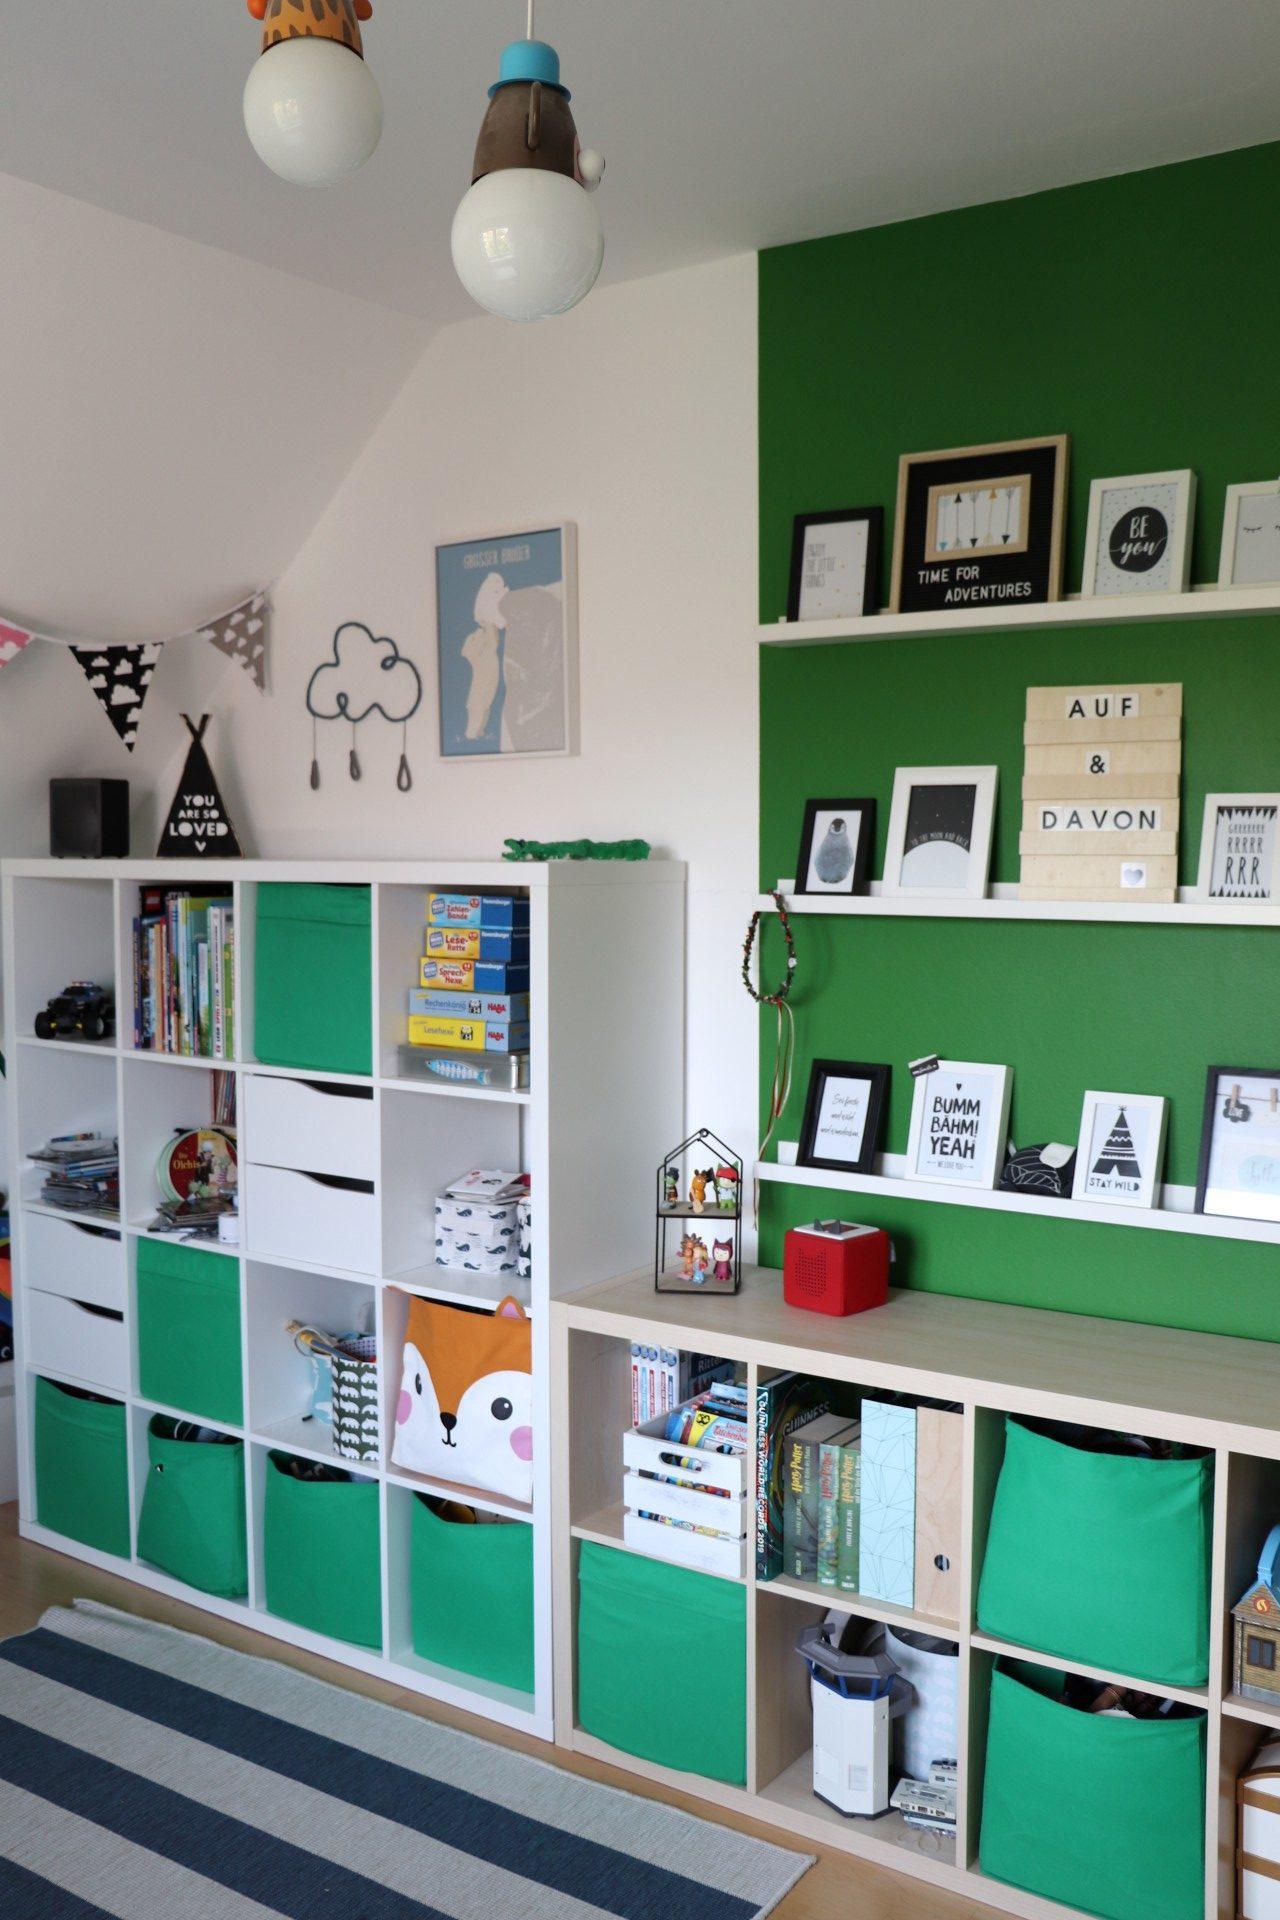 Full Size of Kinderzimmer Einrichten Junge 9 Jahre 3 Jungen 8 Dekorieren 4 Deko 7 6 Dekoration Ikea Ideen Wandgestaltung 5 1 Lavendelblog Regale Sofa Regal Weiß Kinderzimmer Kinderzimmer Jungen